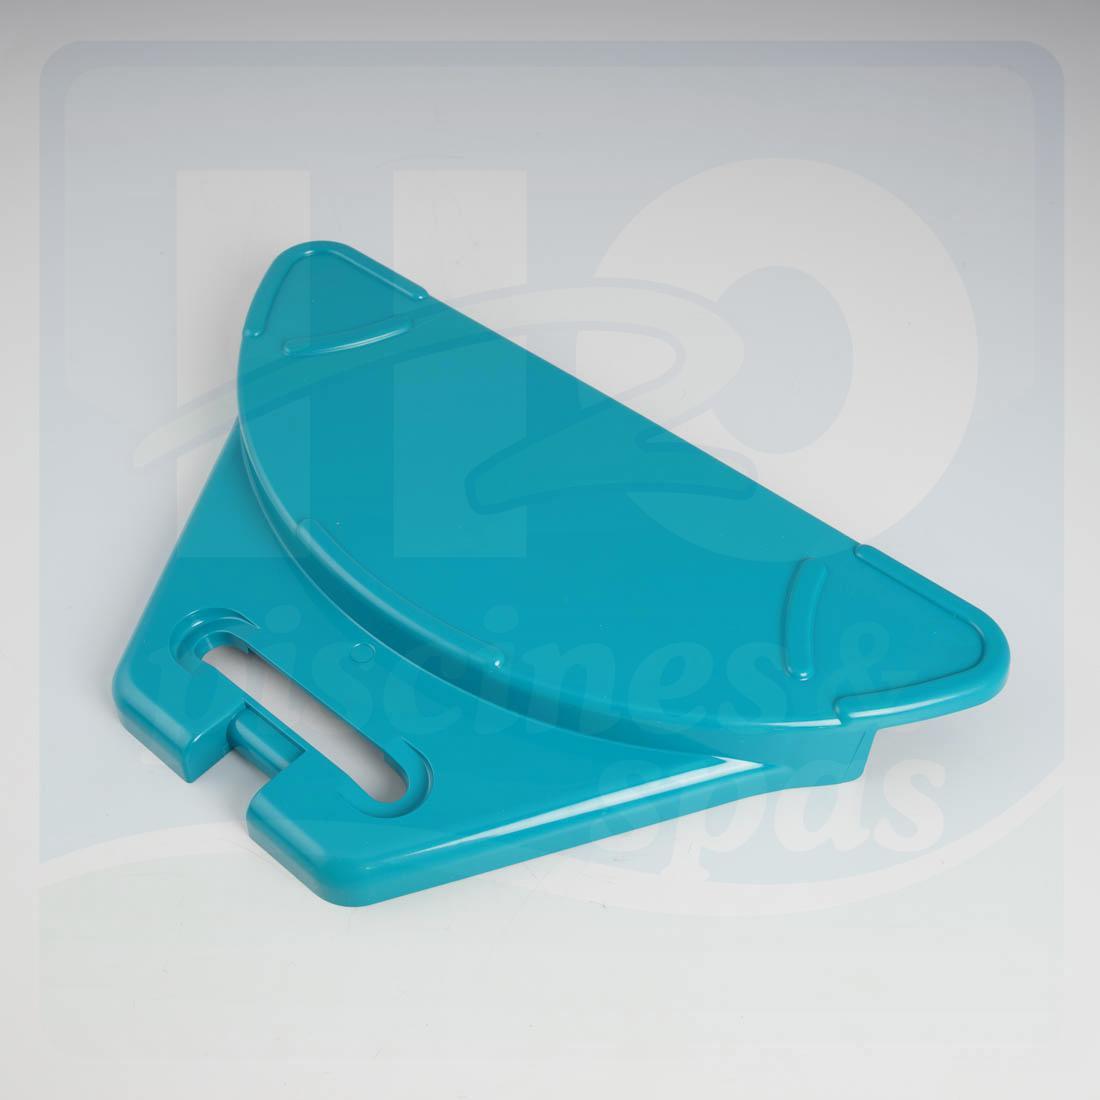 Panneau latral de robot dolphin 2001 acapoolco 2002 for Avis robot piscine dolphin 2001